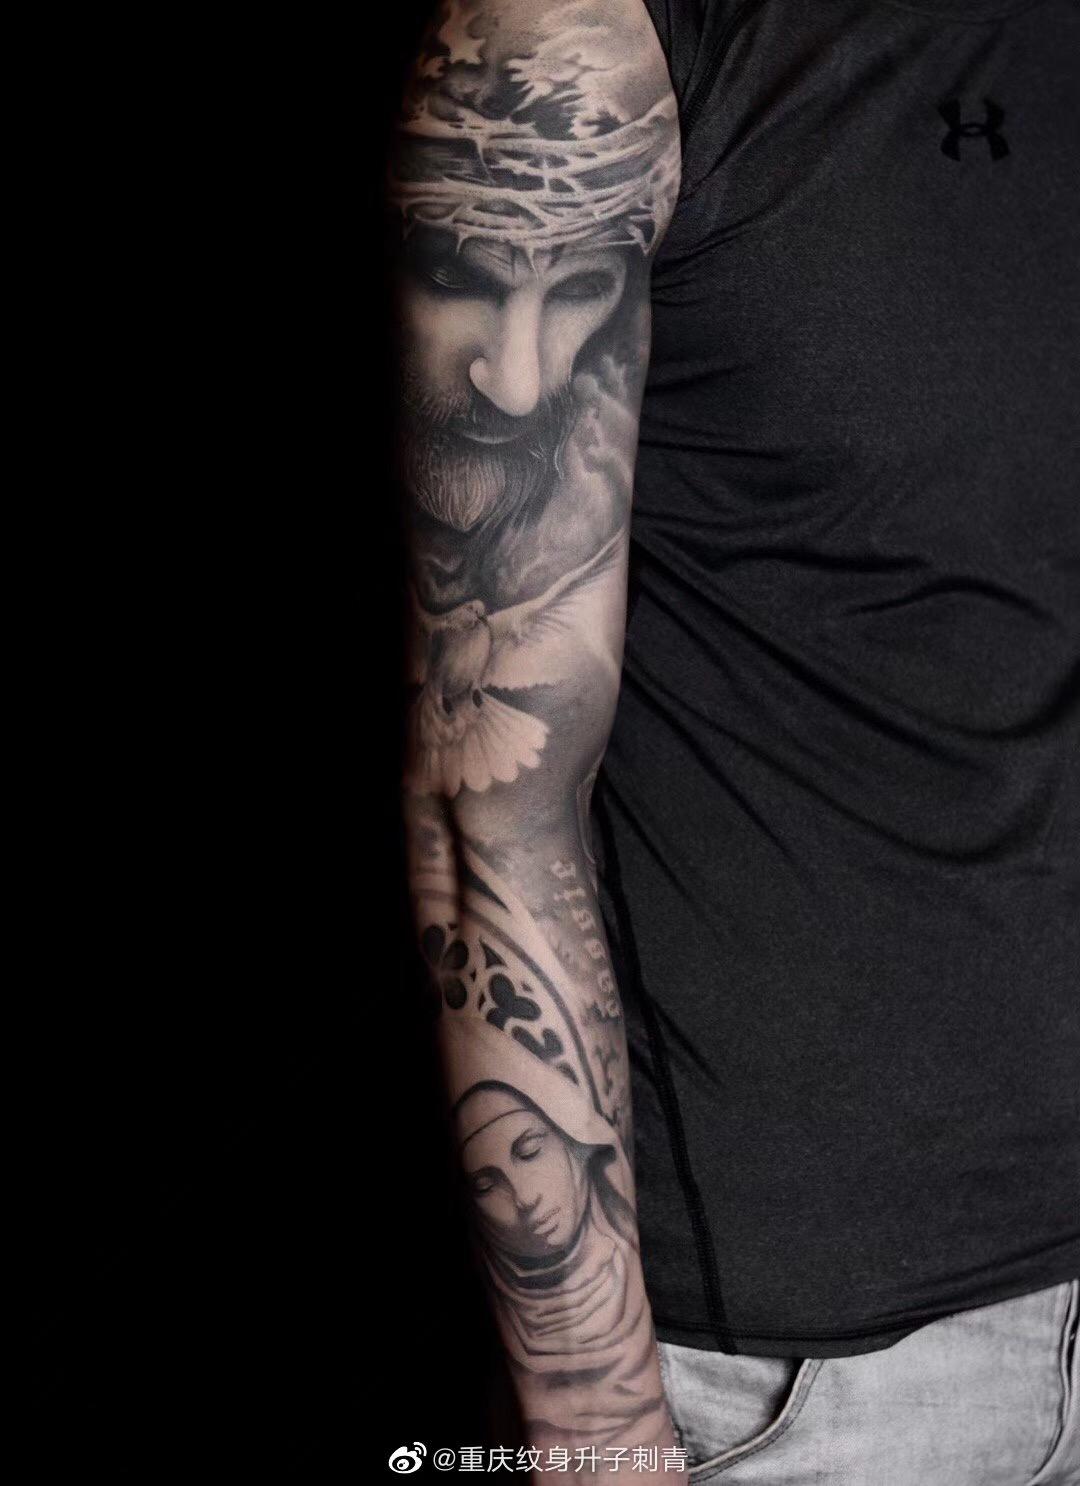 重庆纹身店欧美写实花臂纹身作品 耶稣与圣母